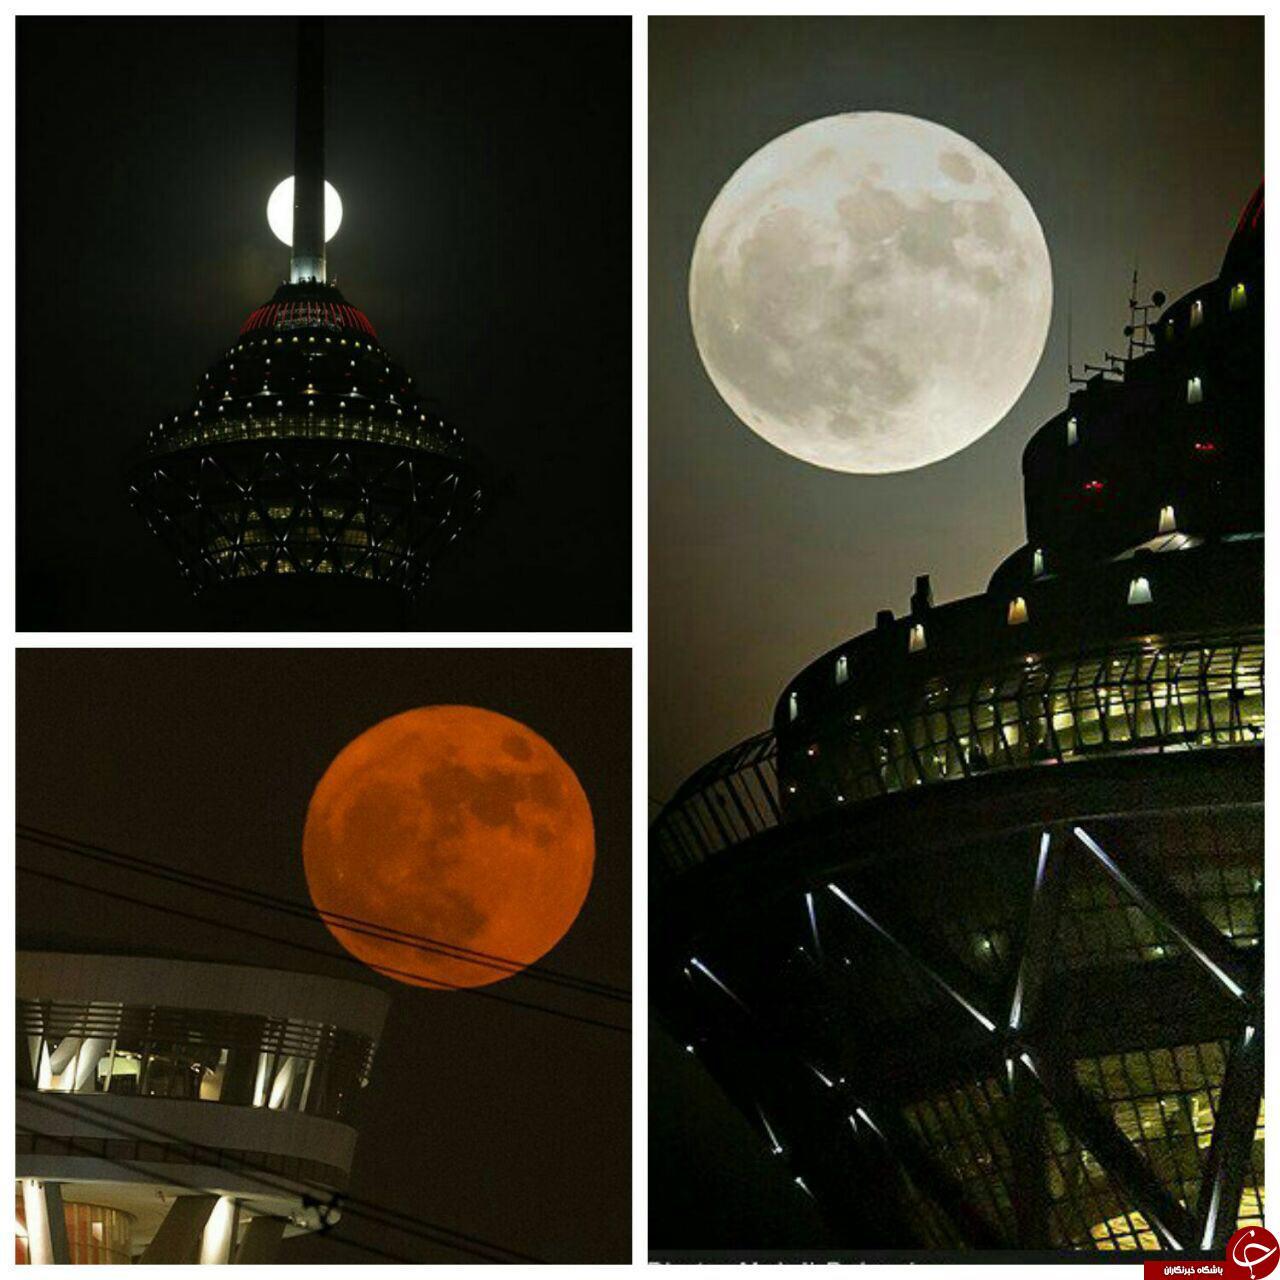 عکس های شگفت انگیز ابر ماه در کشورهای مختلف جهان